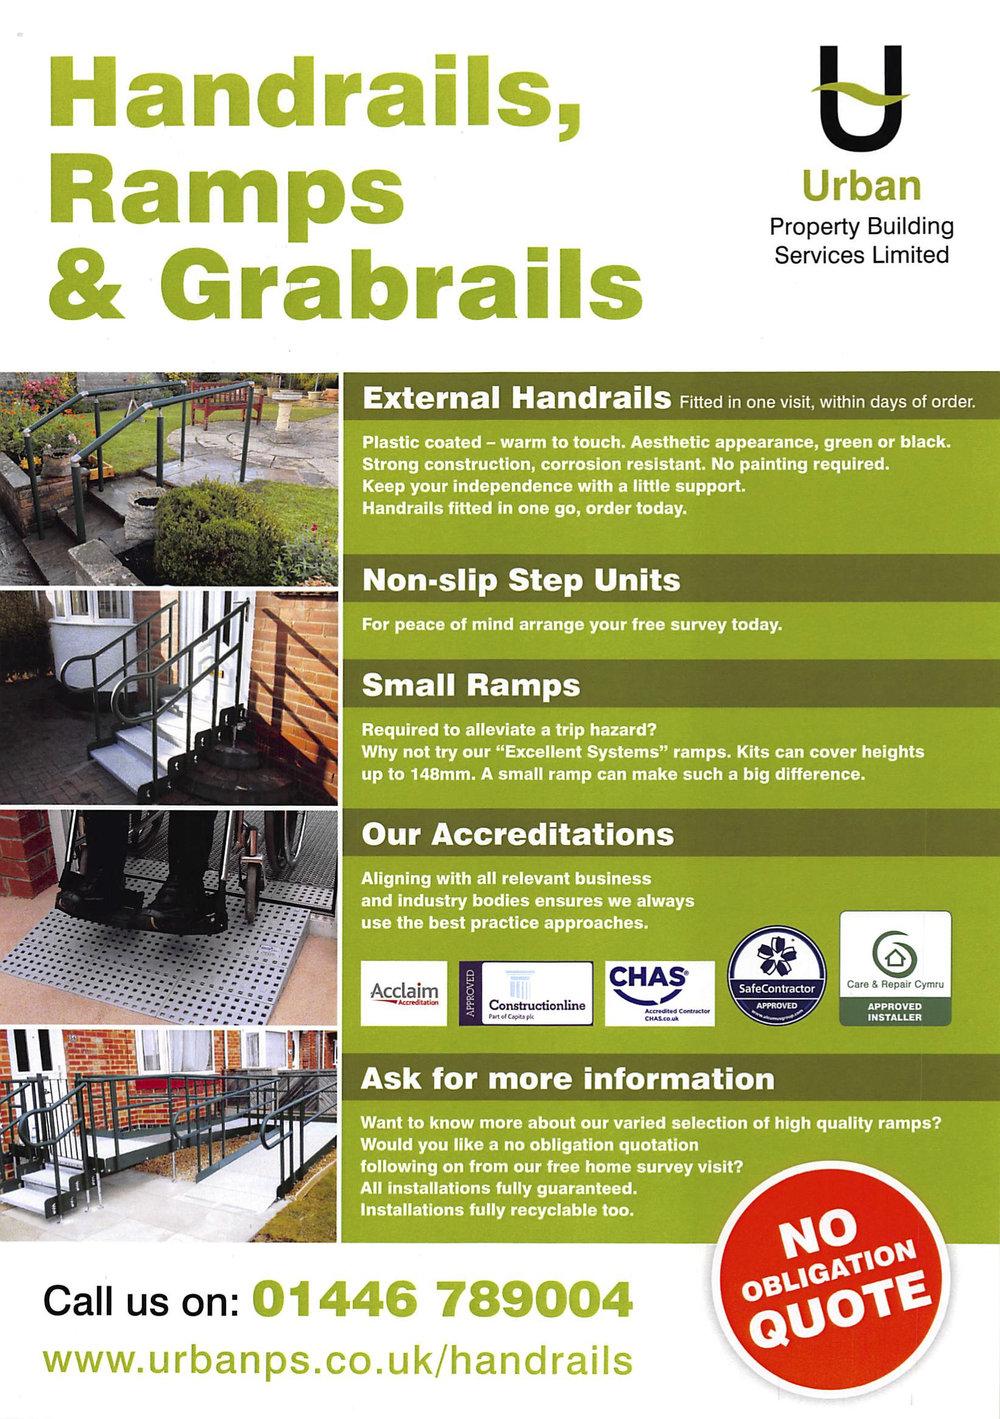 Handrails, Ramps & Grabrails leaflet